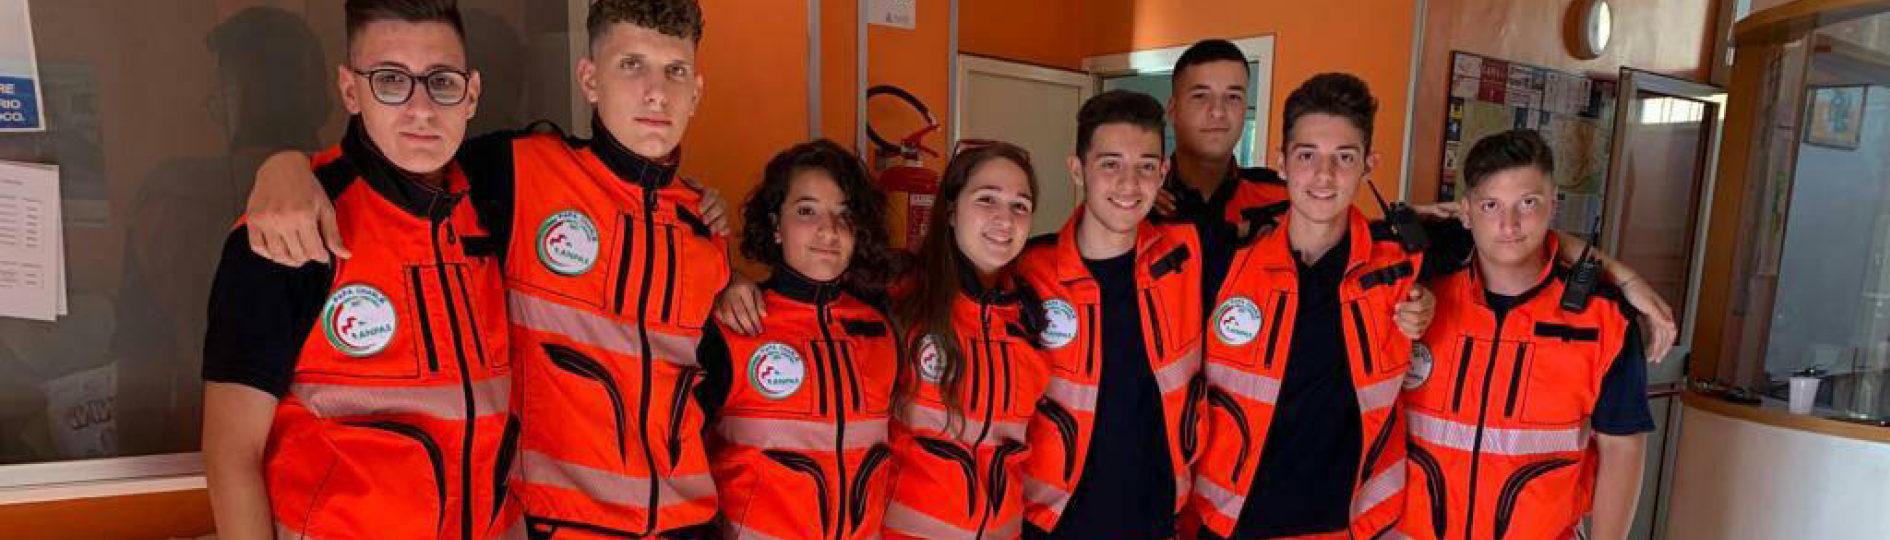 Volontari protezione civile Papa Charlie